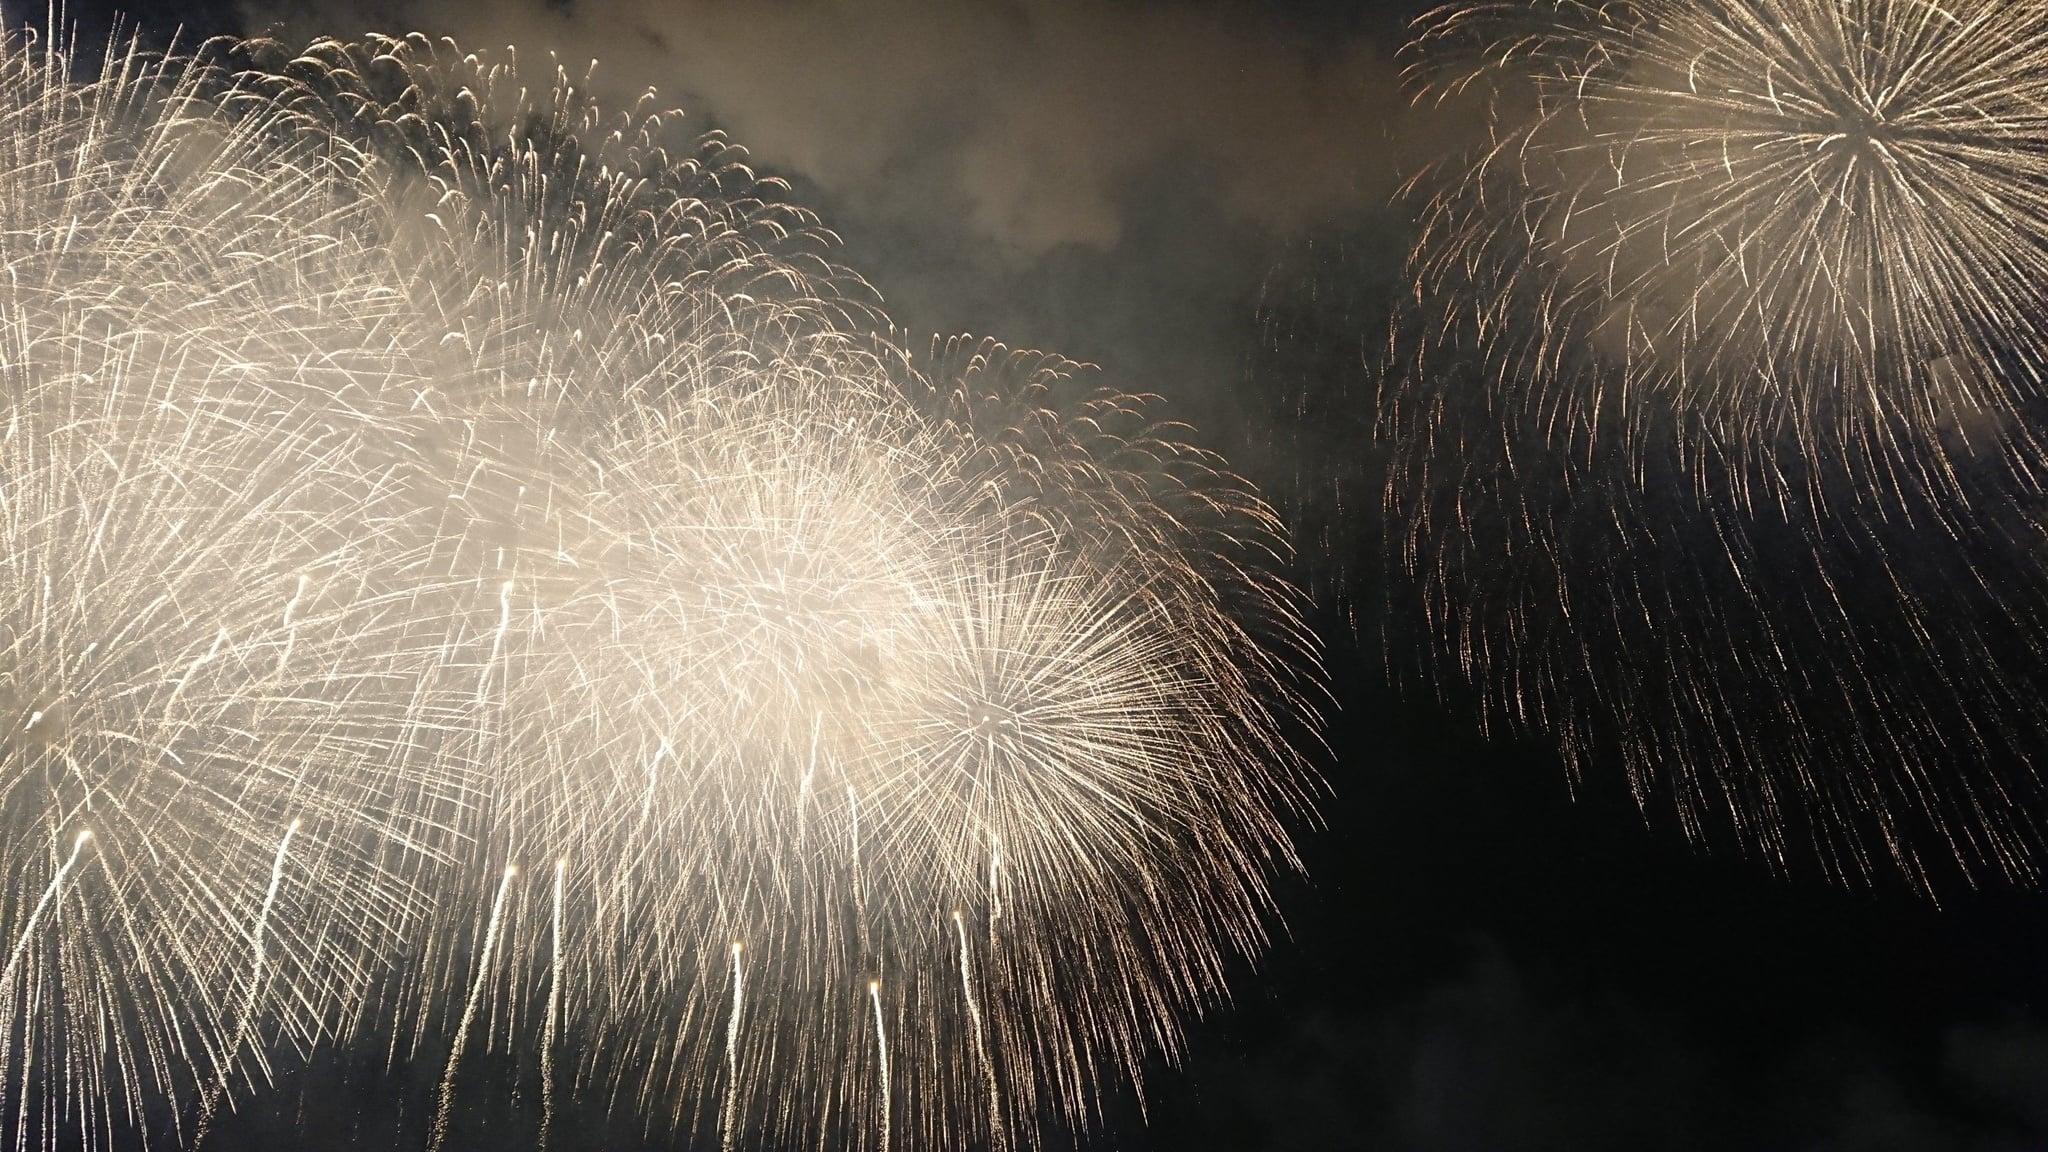 18.7 柏崎海の大花火大会|山梨県の観光バス・山梨発ディズニーツアーは